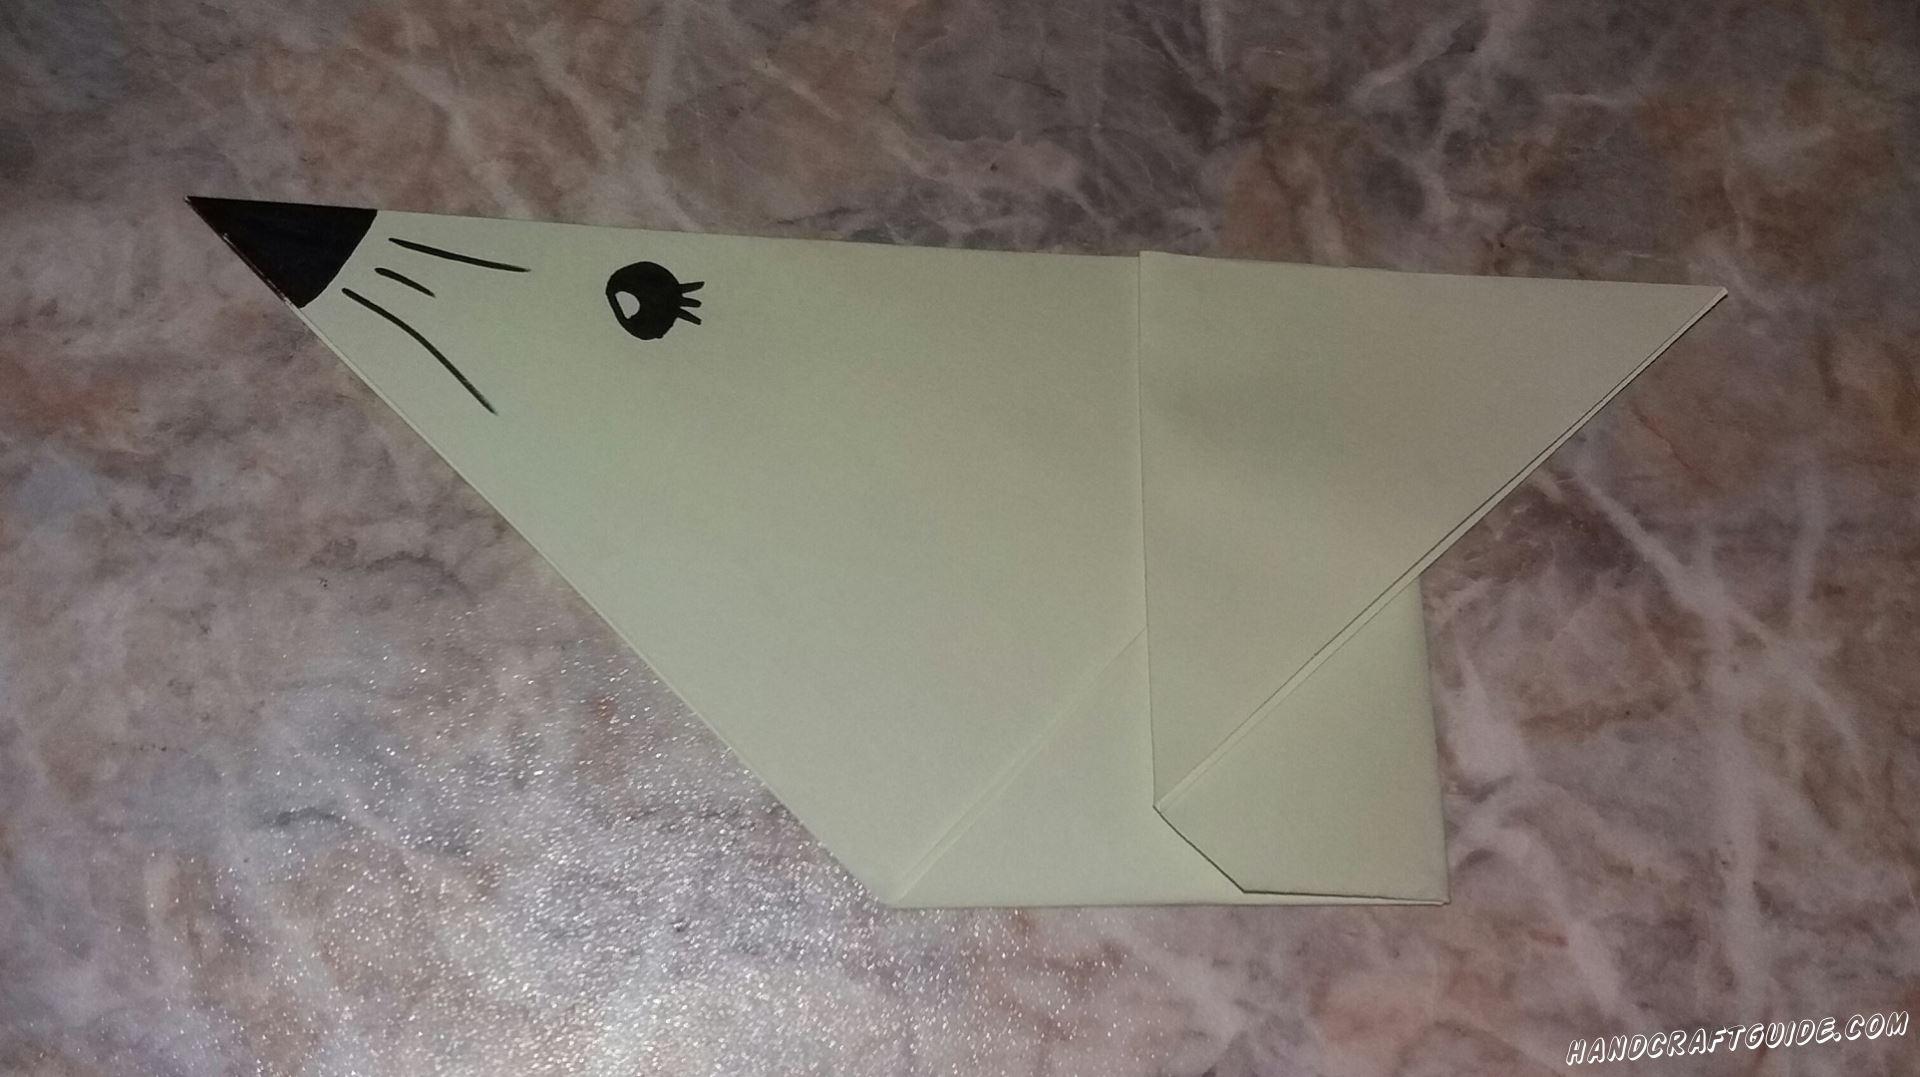 Вы большие молодцы! Освоить технику оригами непросто, но Вам удалось! Так что не прощаемся, ведь еще множество поделок с использованием данной техники Вы сможете найти на нашем сайте. До новых встреч, друзья!